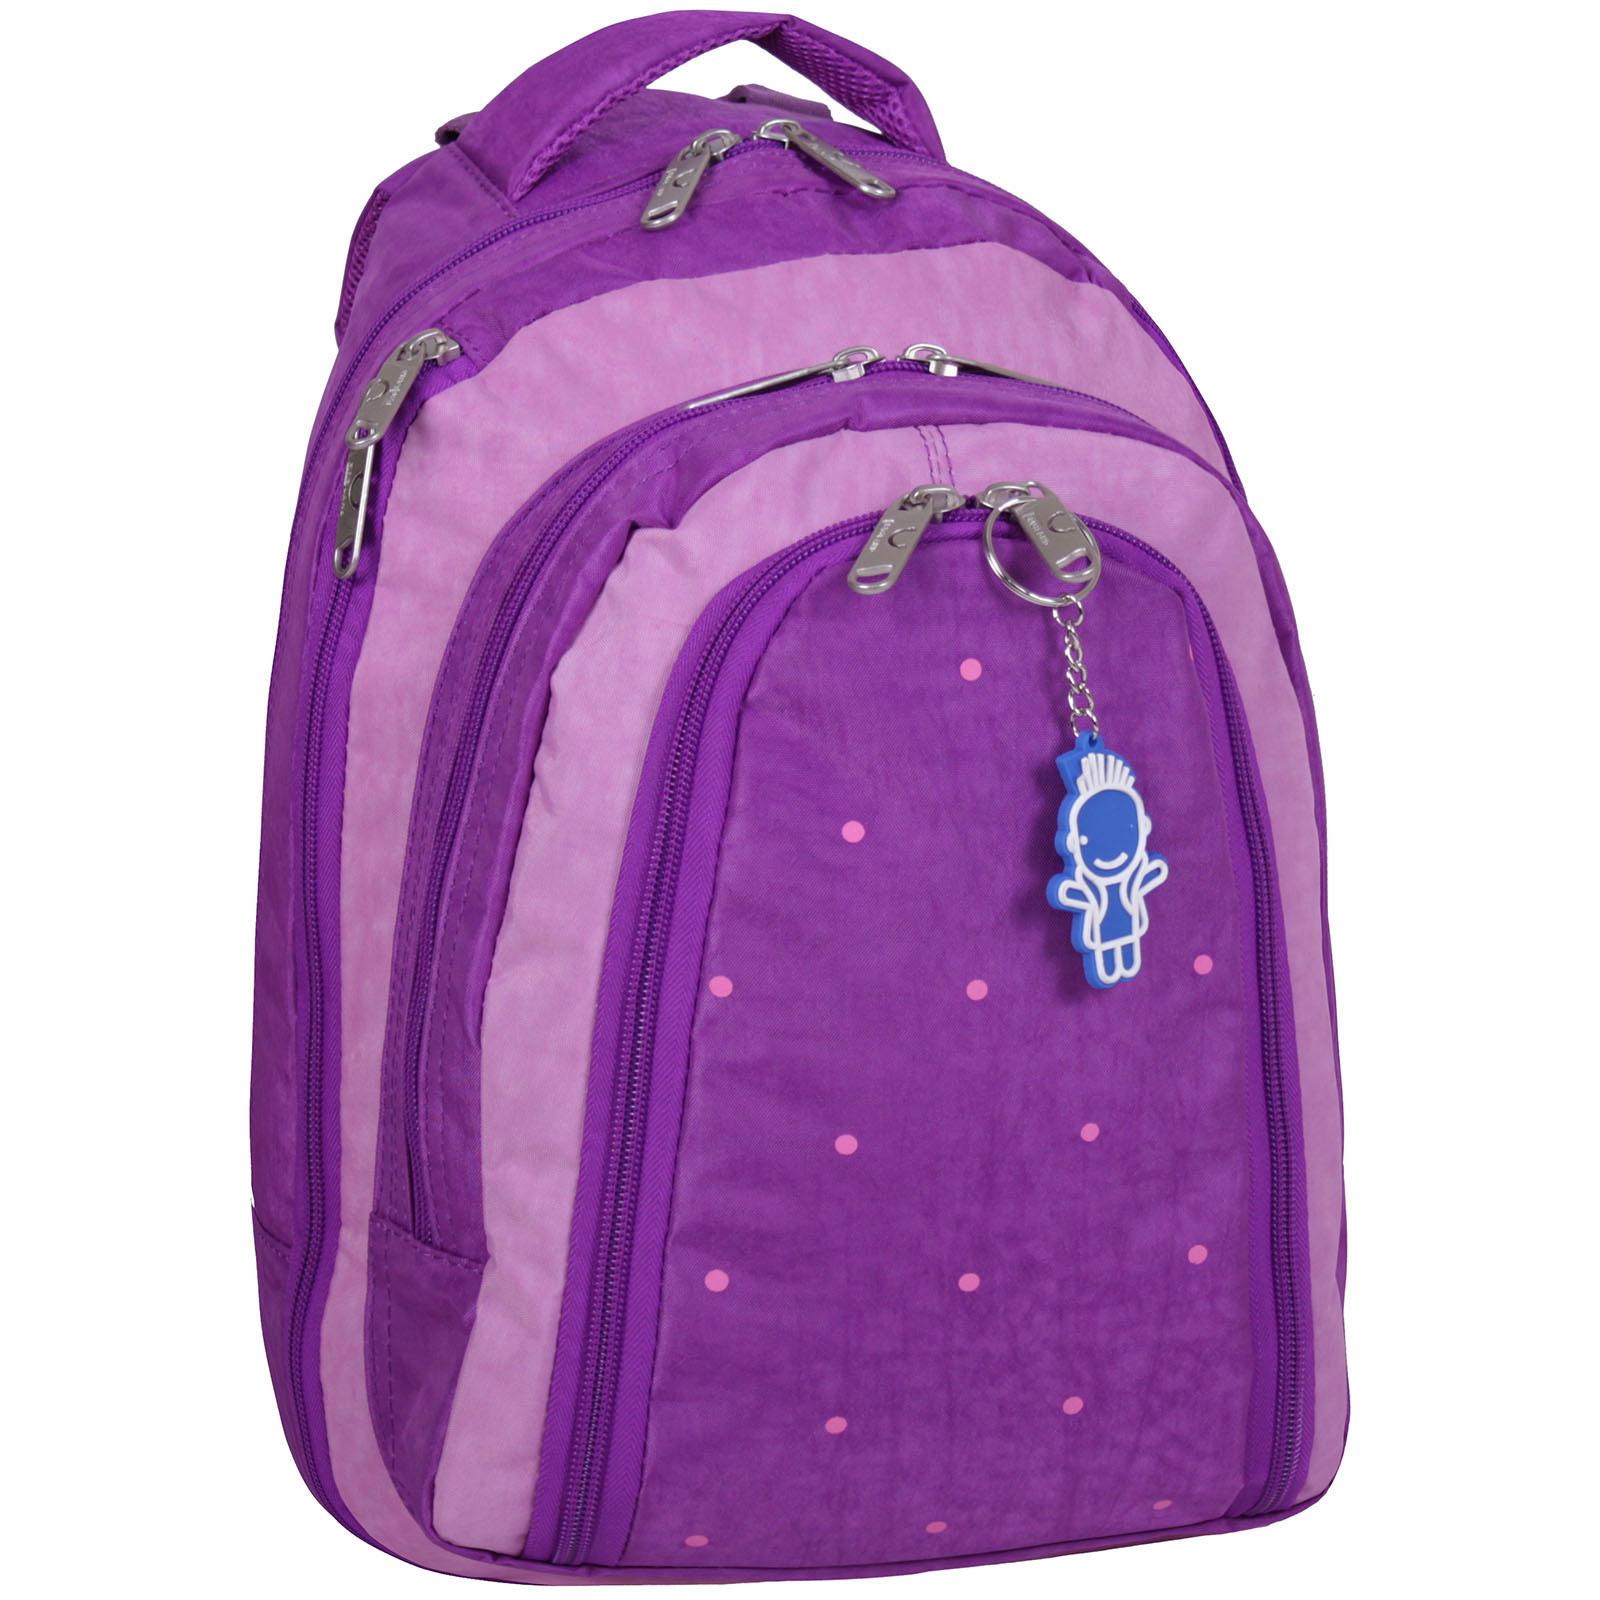 Школьные рюкзаки Рюкзак Bagland Раскладной 9 л. 339 фиолетовый/бузковый (0011370) IMG_2850.JPG